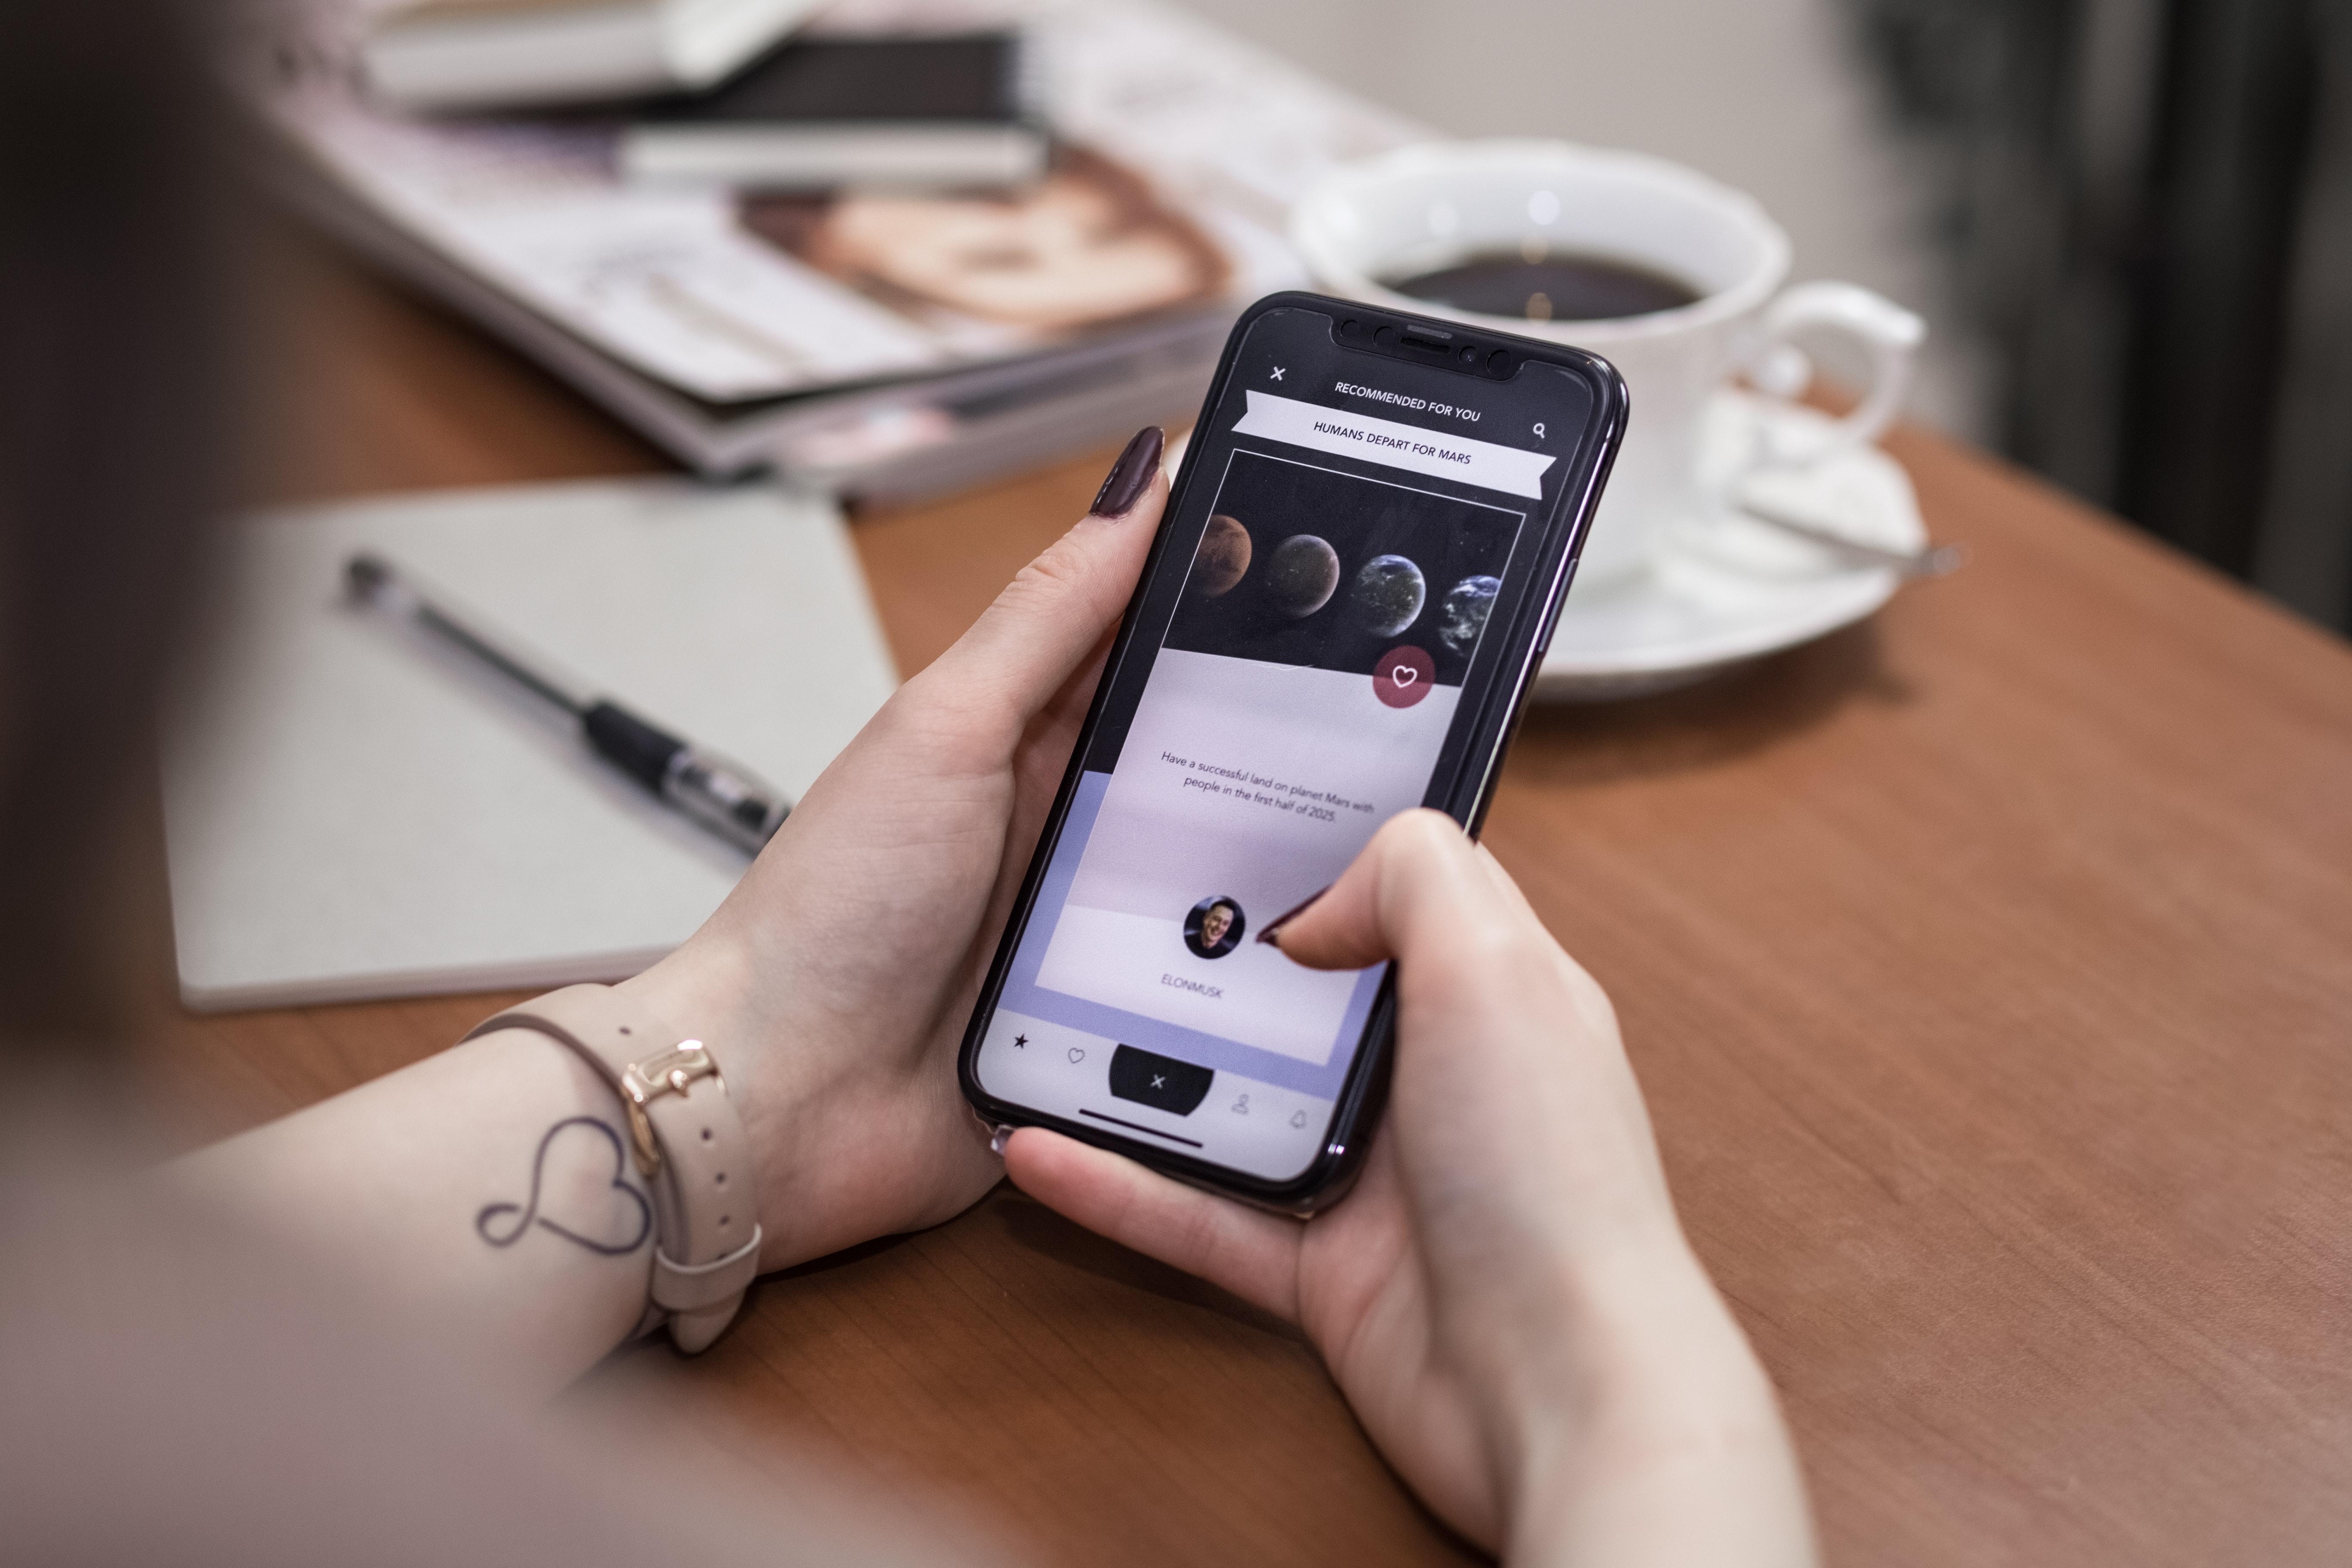 Apa Sih Maksud Dan Arti Poni Atau Notch Pada iPhone X?